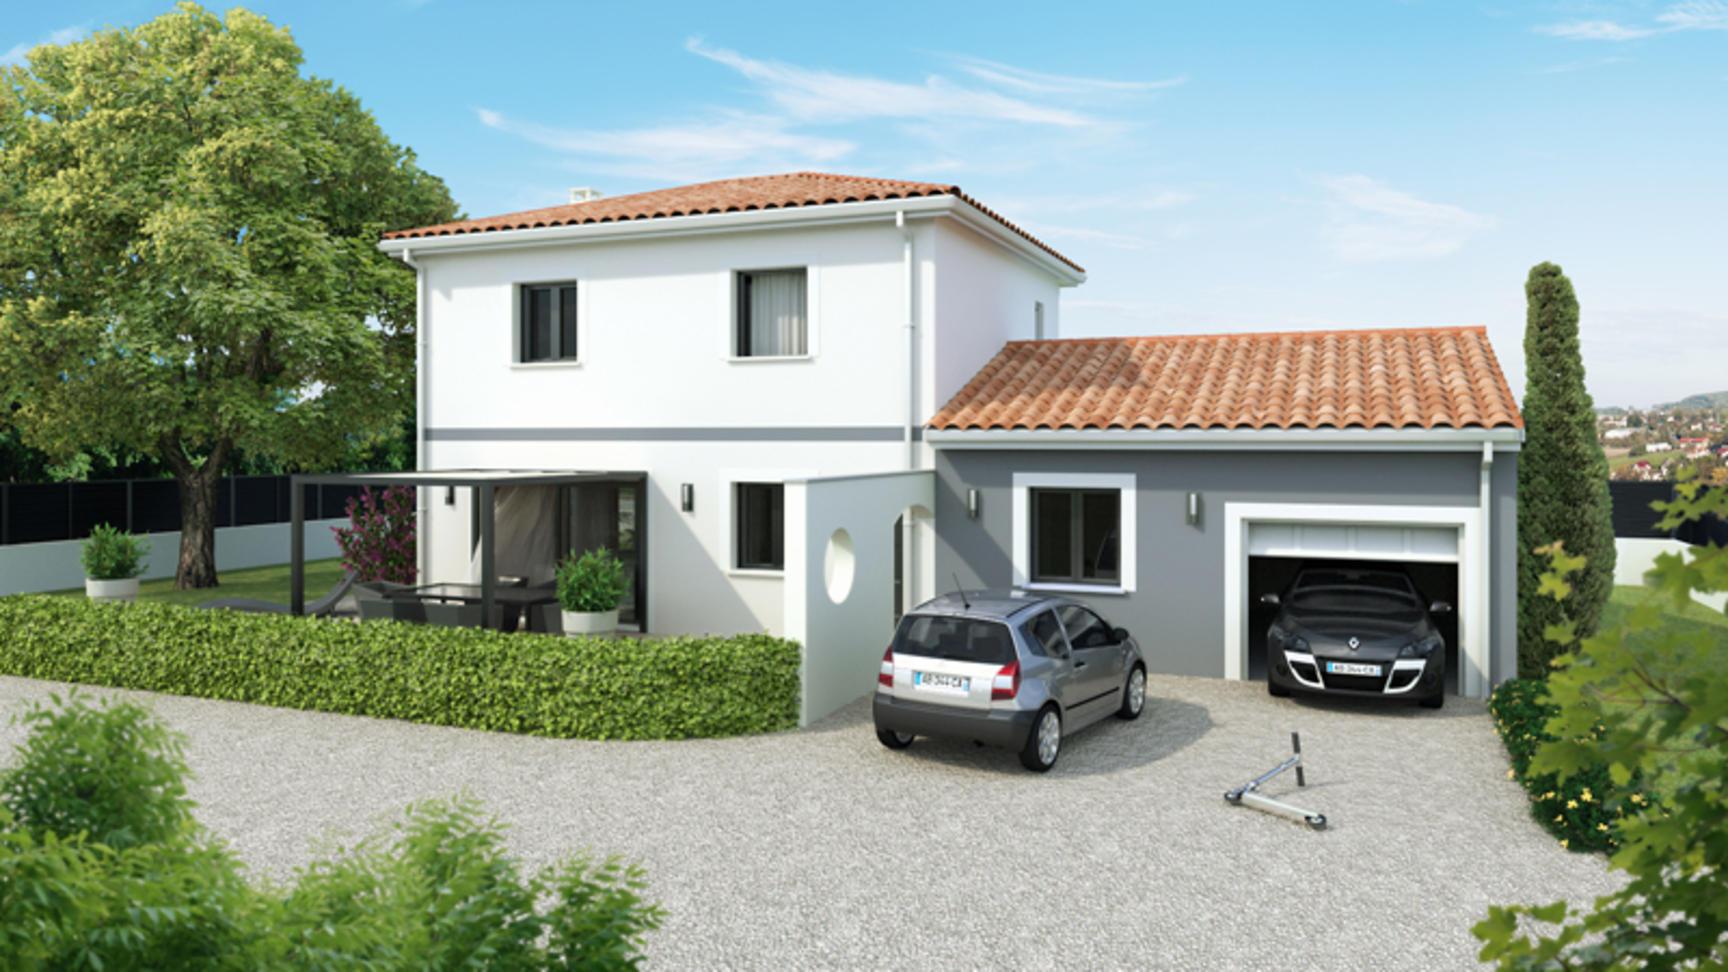 annonce vente maison eaunes 31600 120 m 277 000 992737408470. Black Bedroom Furniture Sets. Home Design Ideas